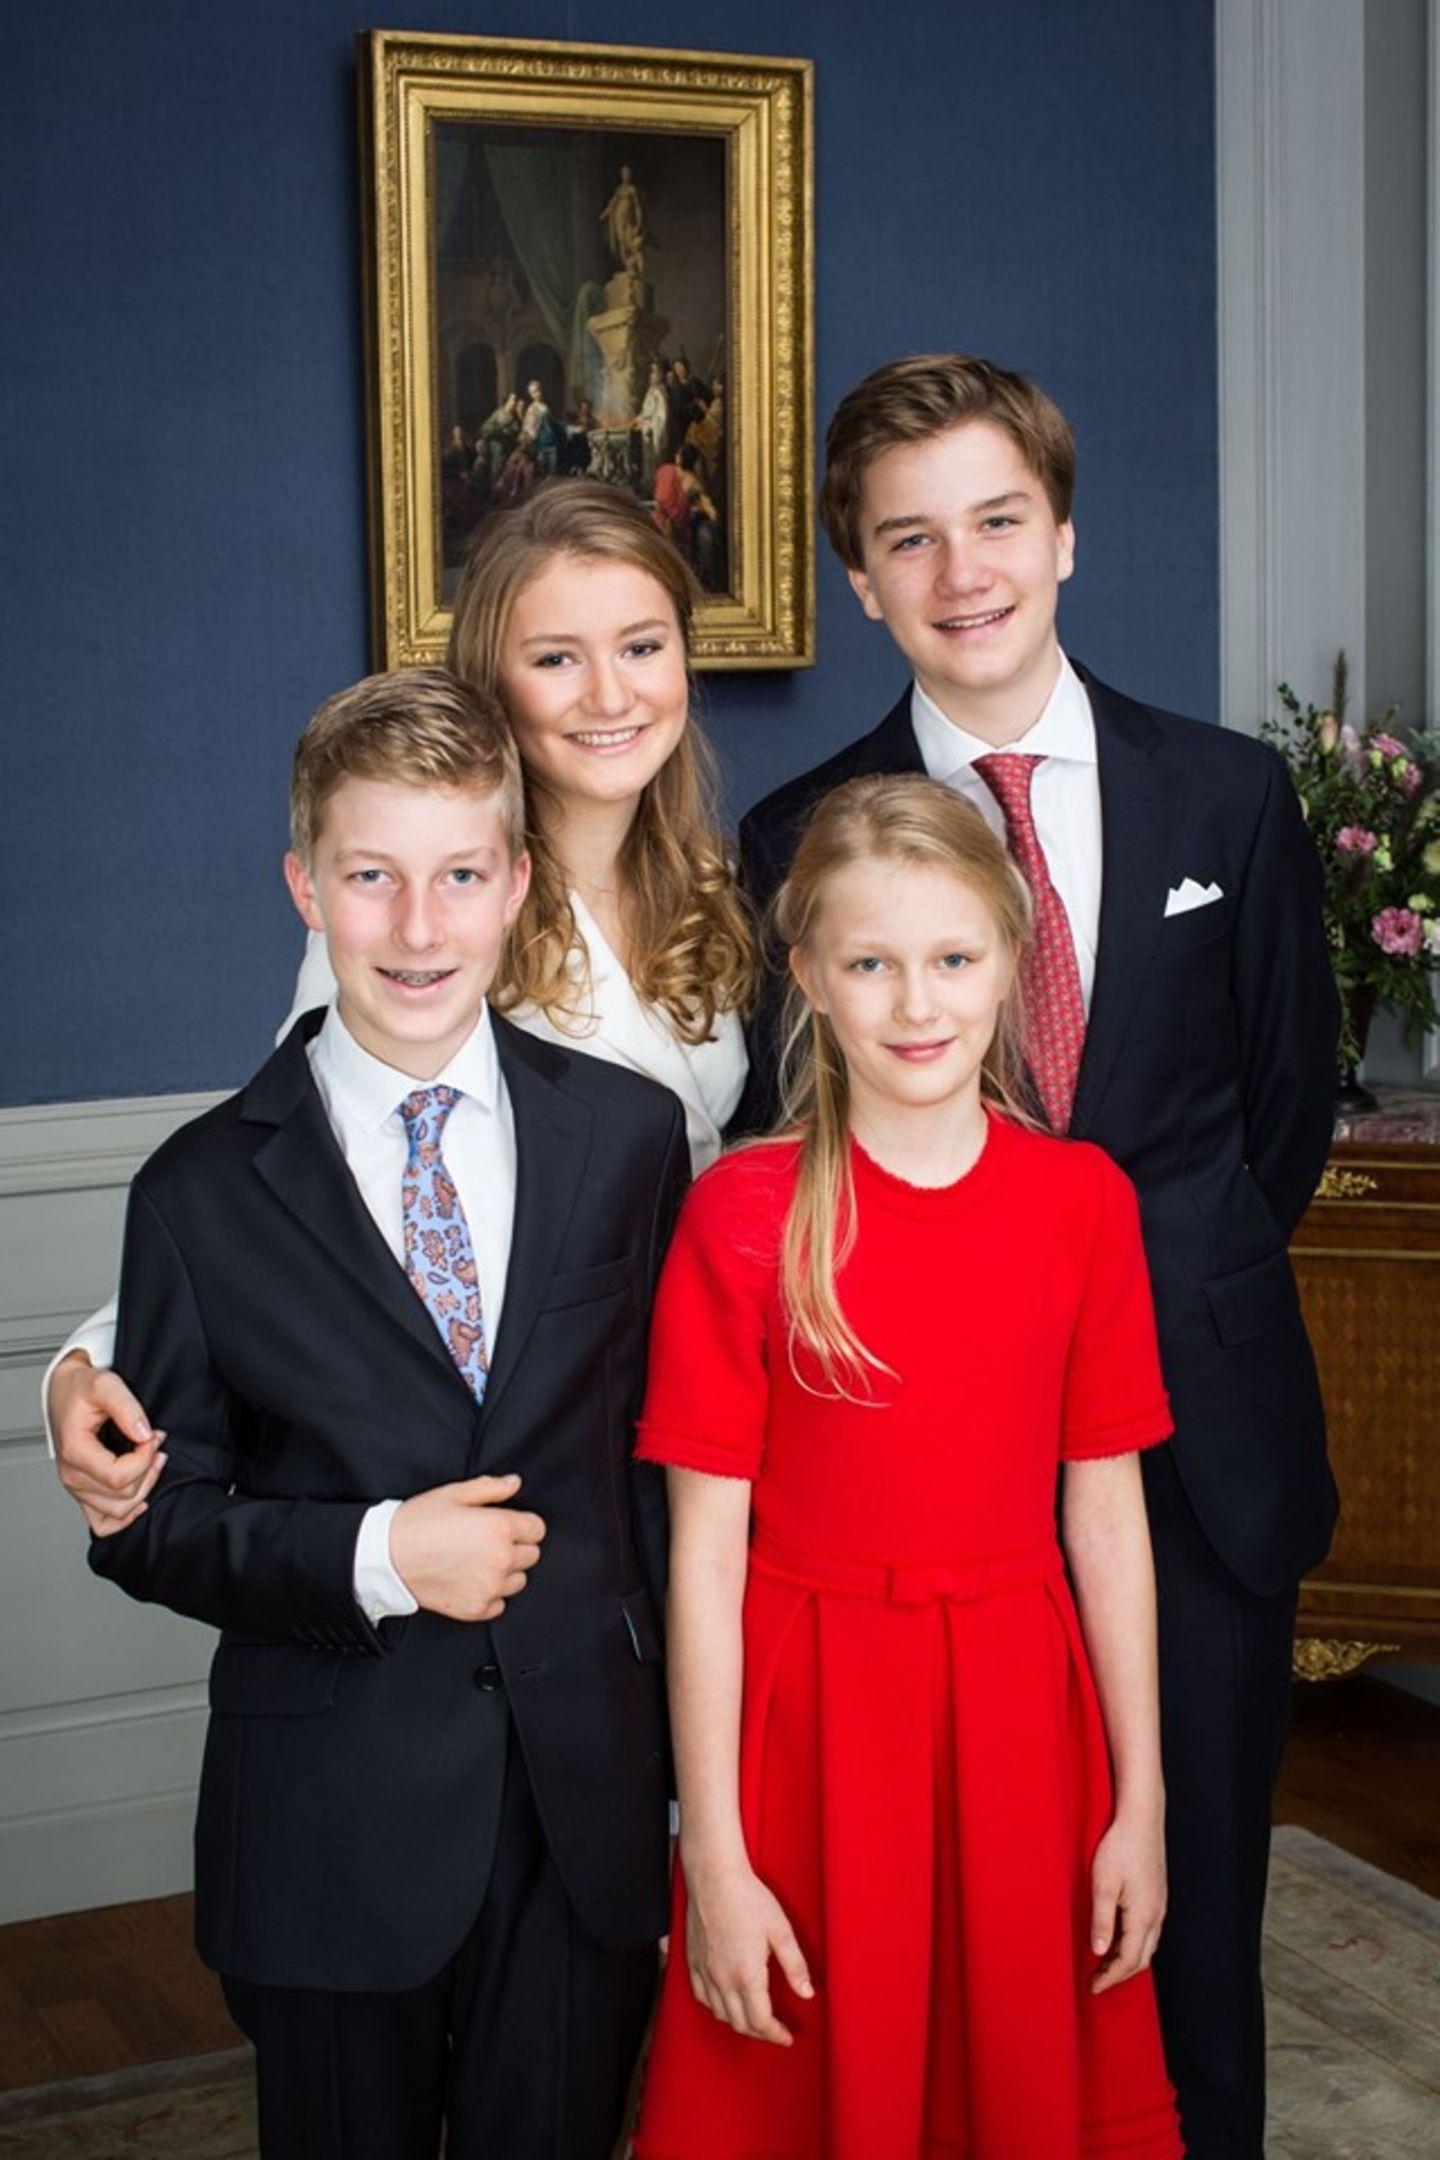 Zum Schluss gibt es noch ein Foto mit ihren Geschwistern.